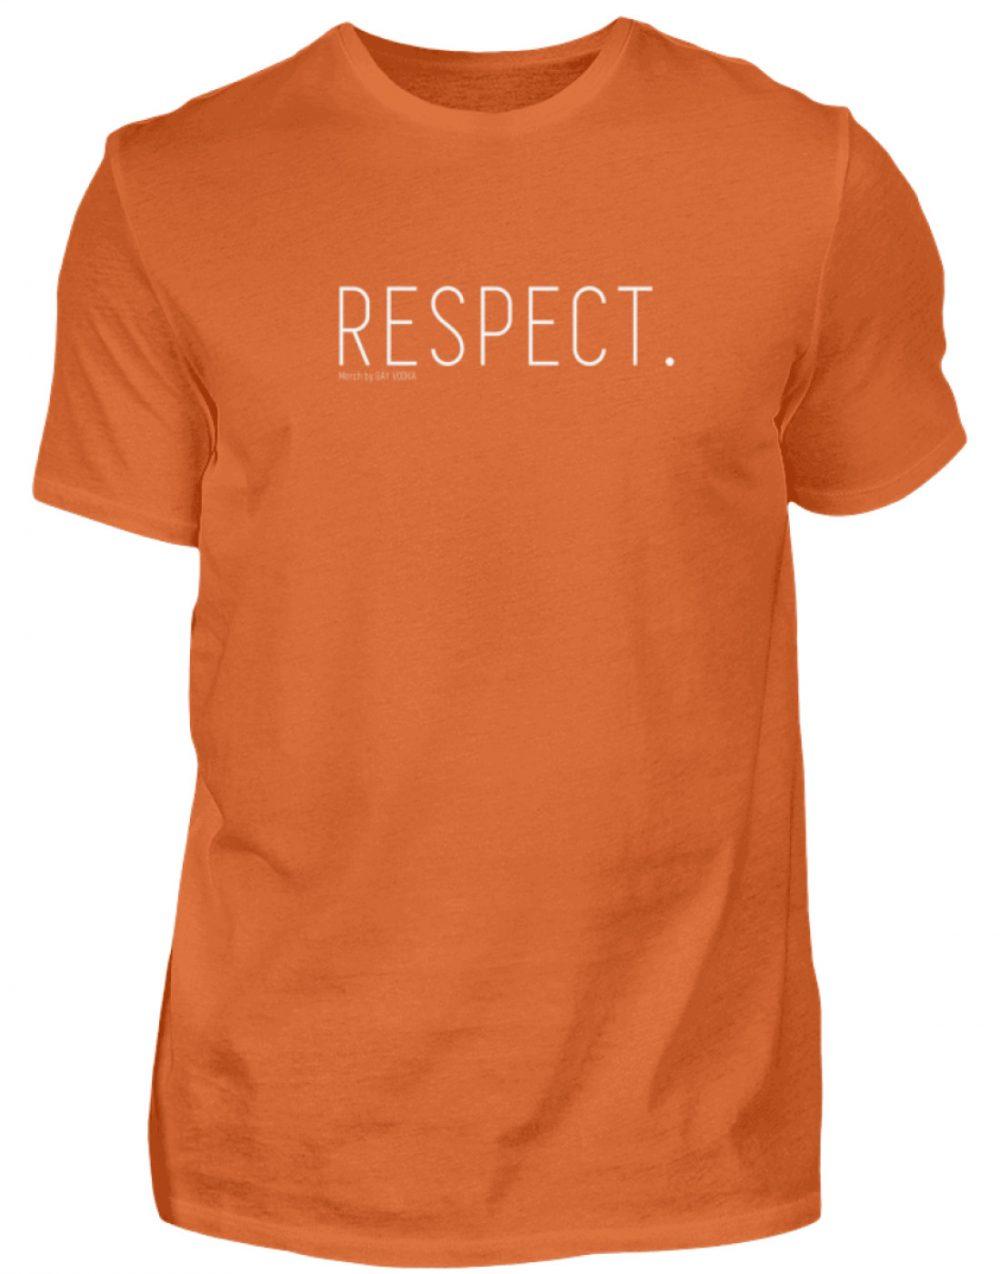 RESPECT. - Herren Premiumshirt-2953